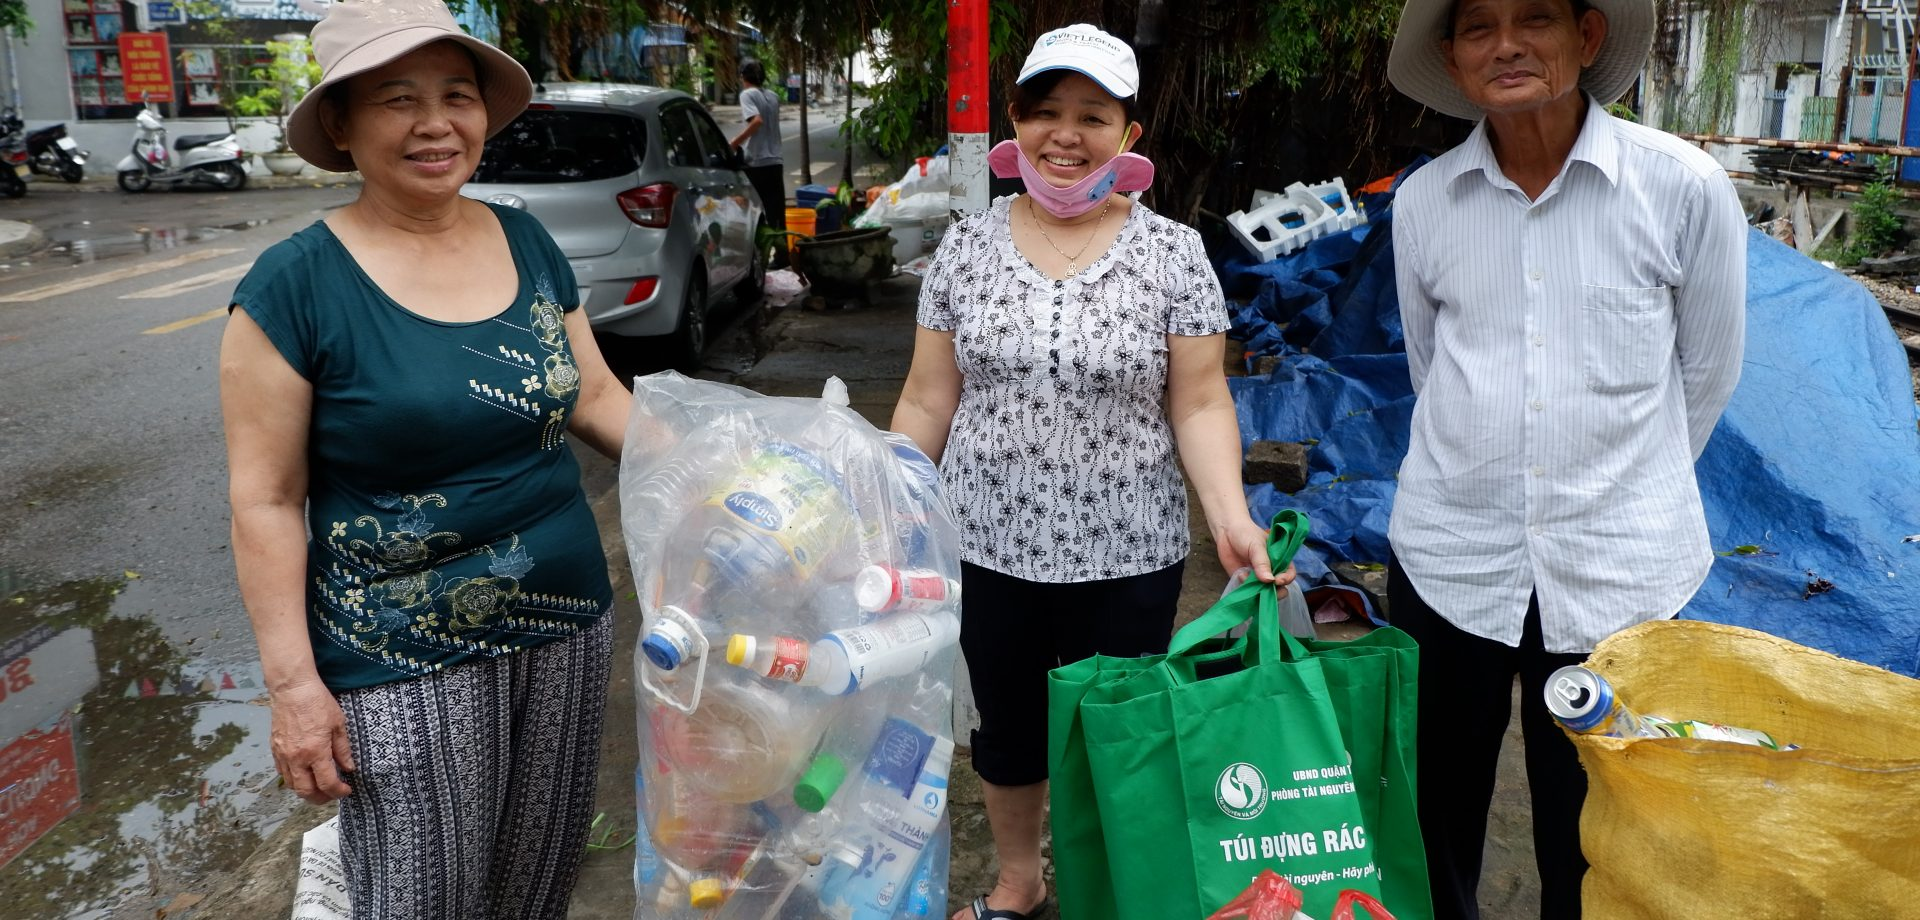 Cơ sở pháp lý, chính sách của thành phố Đà Nẵng về xử lý rác thải nhựa